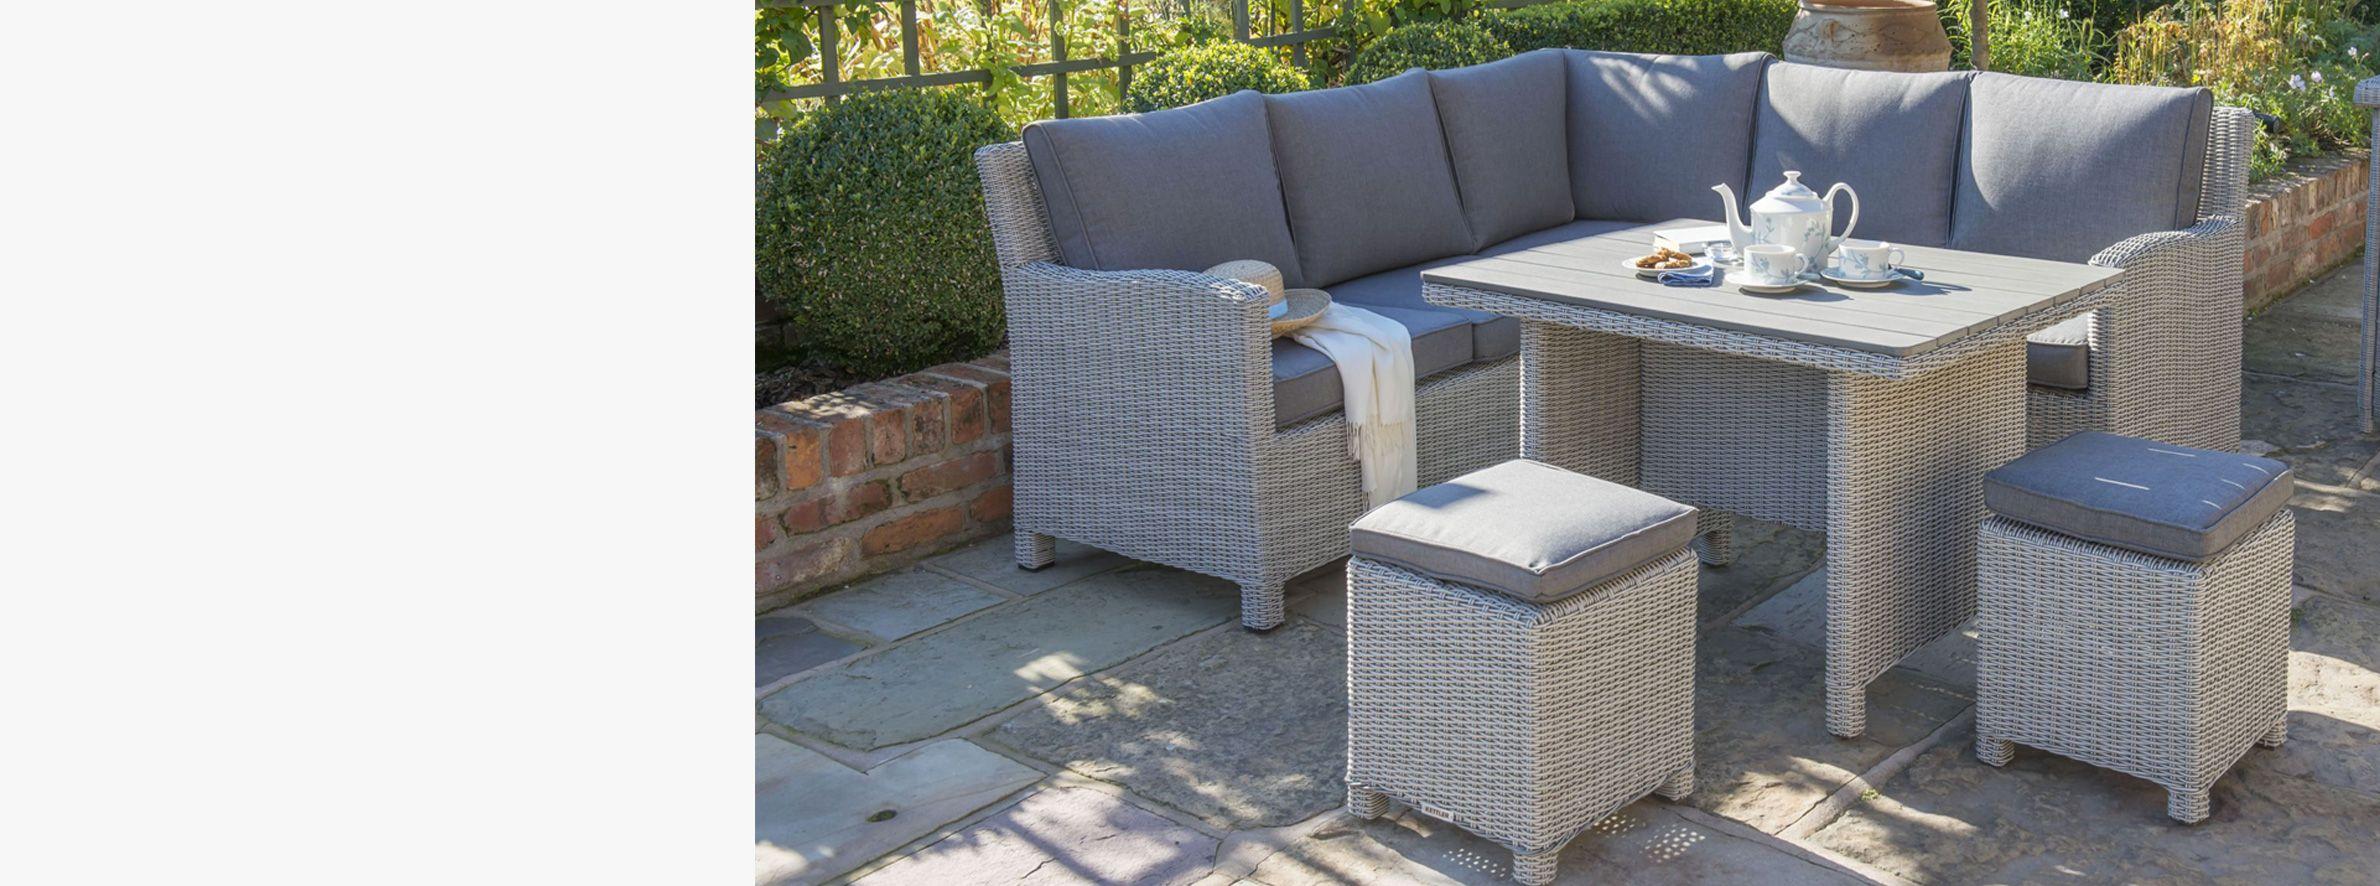 garden furniture set 70